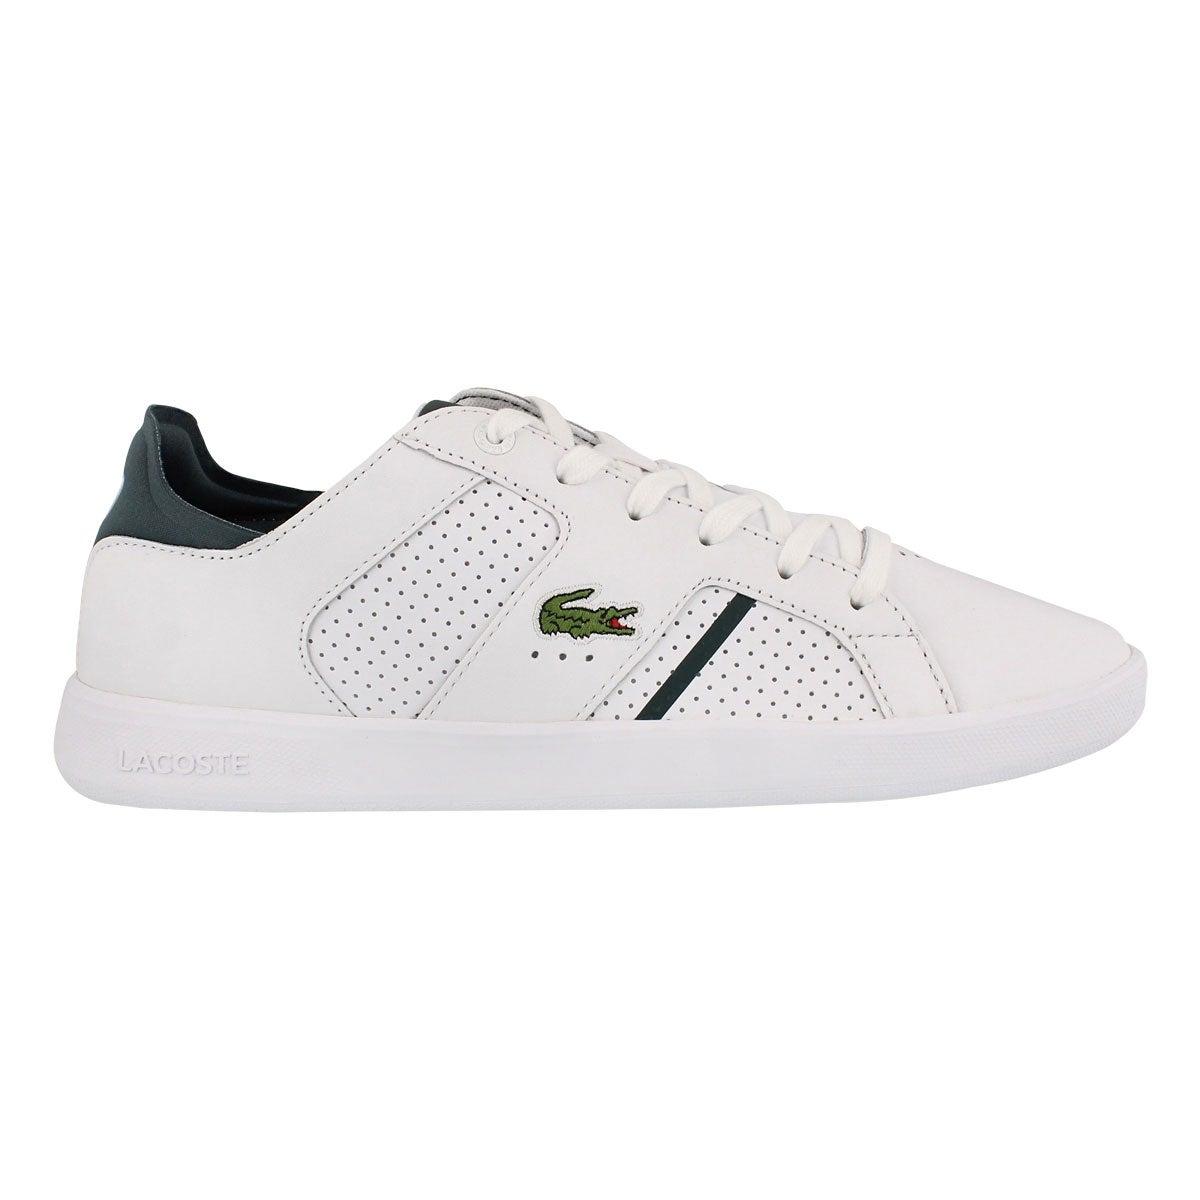 Mns Novas CT 118 1 wht/dk grn sneaker